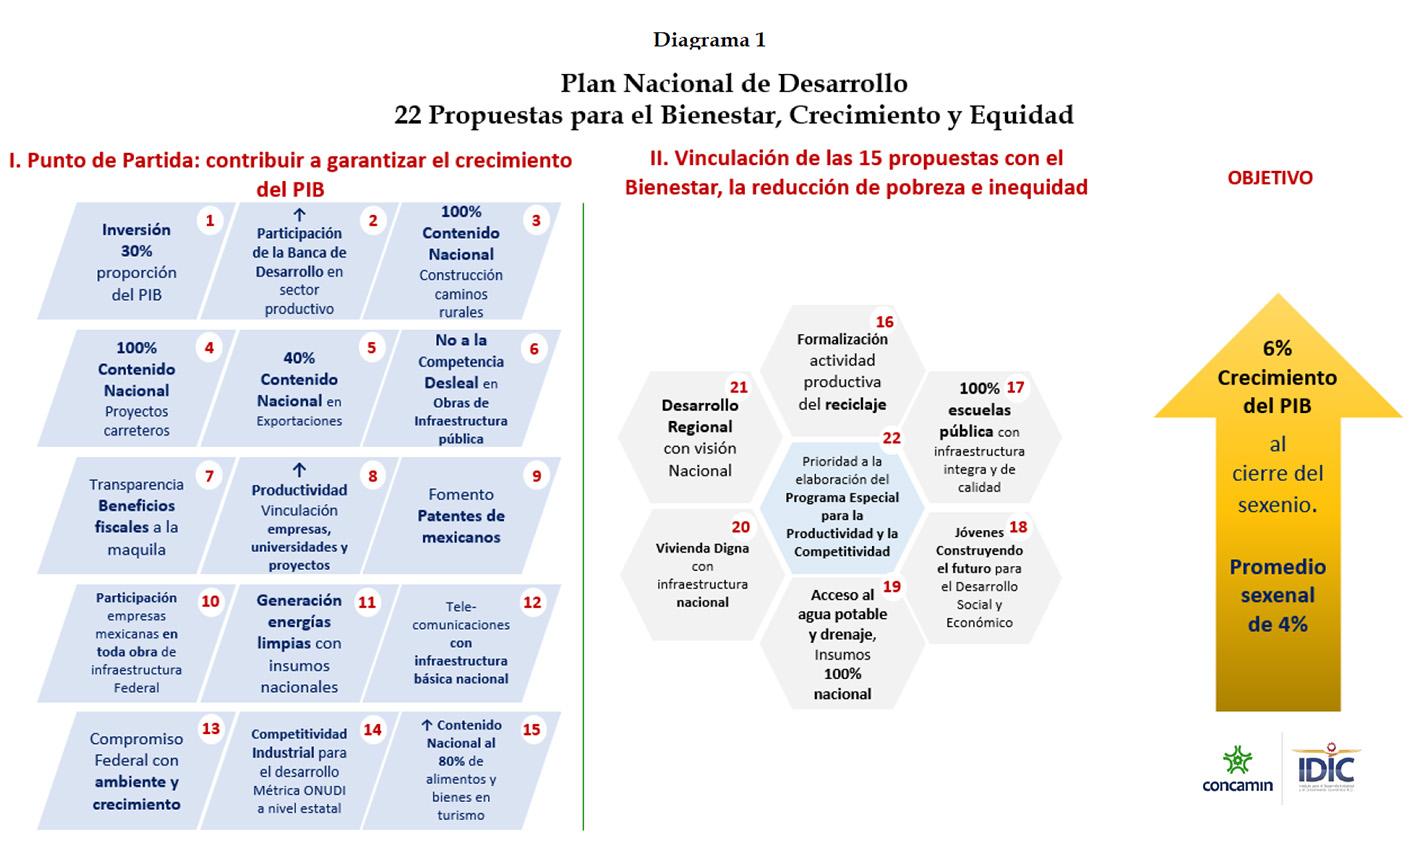 Photo of 22 propuestas CONCAMIN-IDIC para el Plan Nacional de Desarrollo: Propuestas para el Bienestar, Crecimiento y Equidad